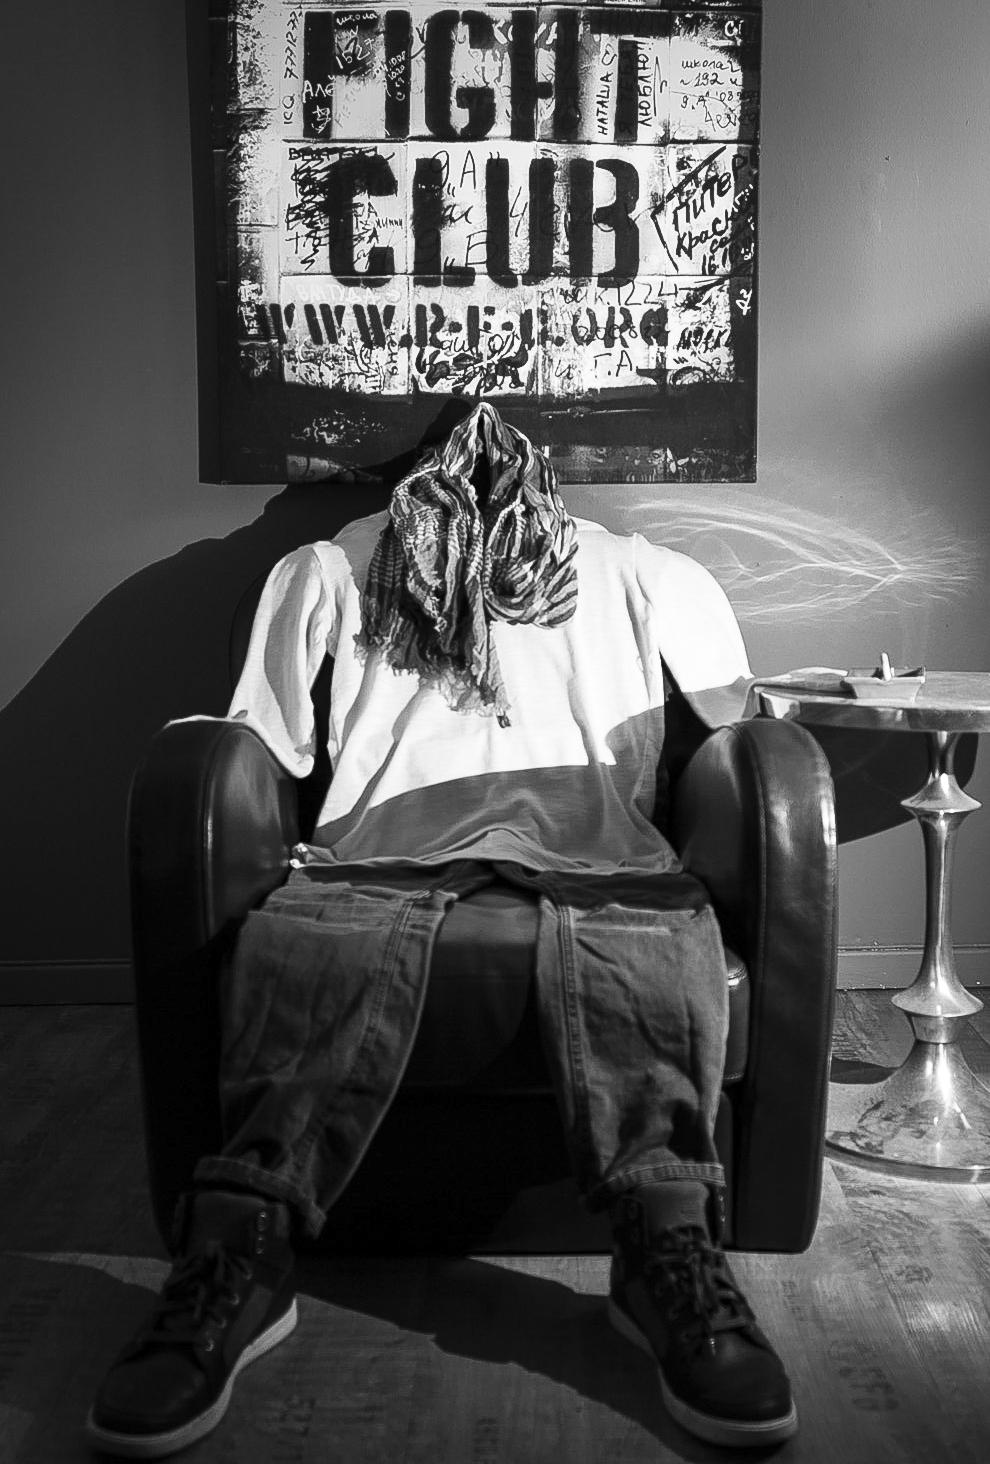 Self-portrait at home. Paris, FRANCE. 2013.